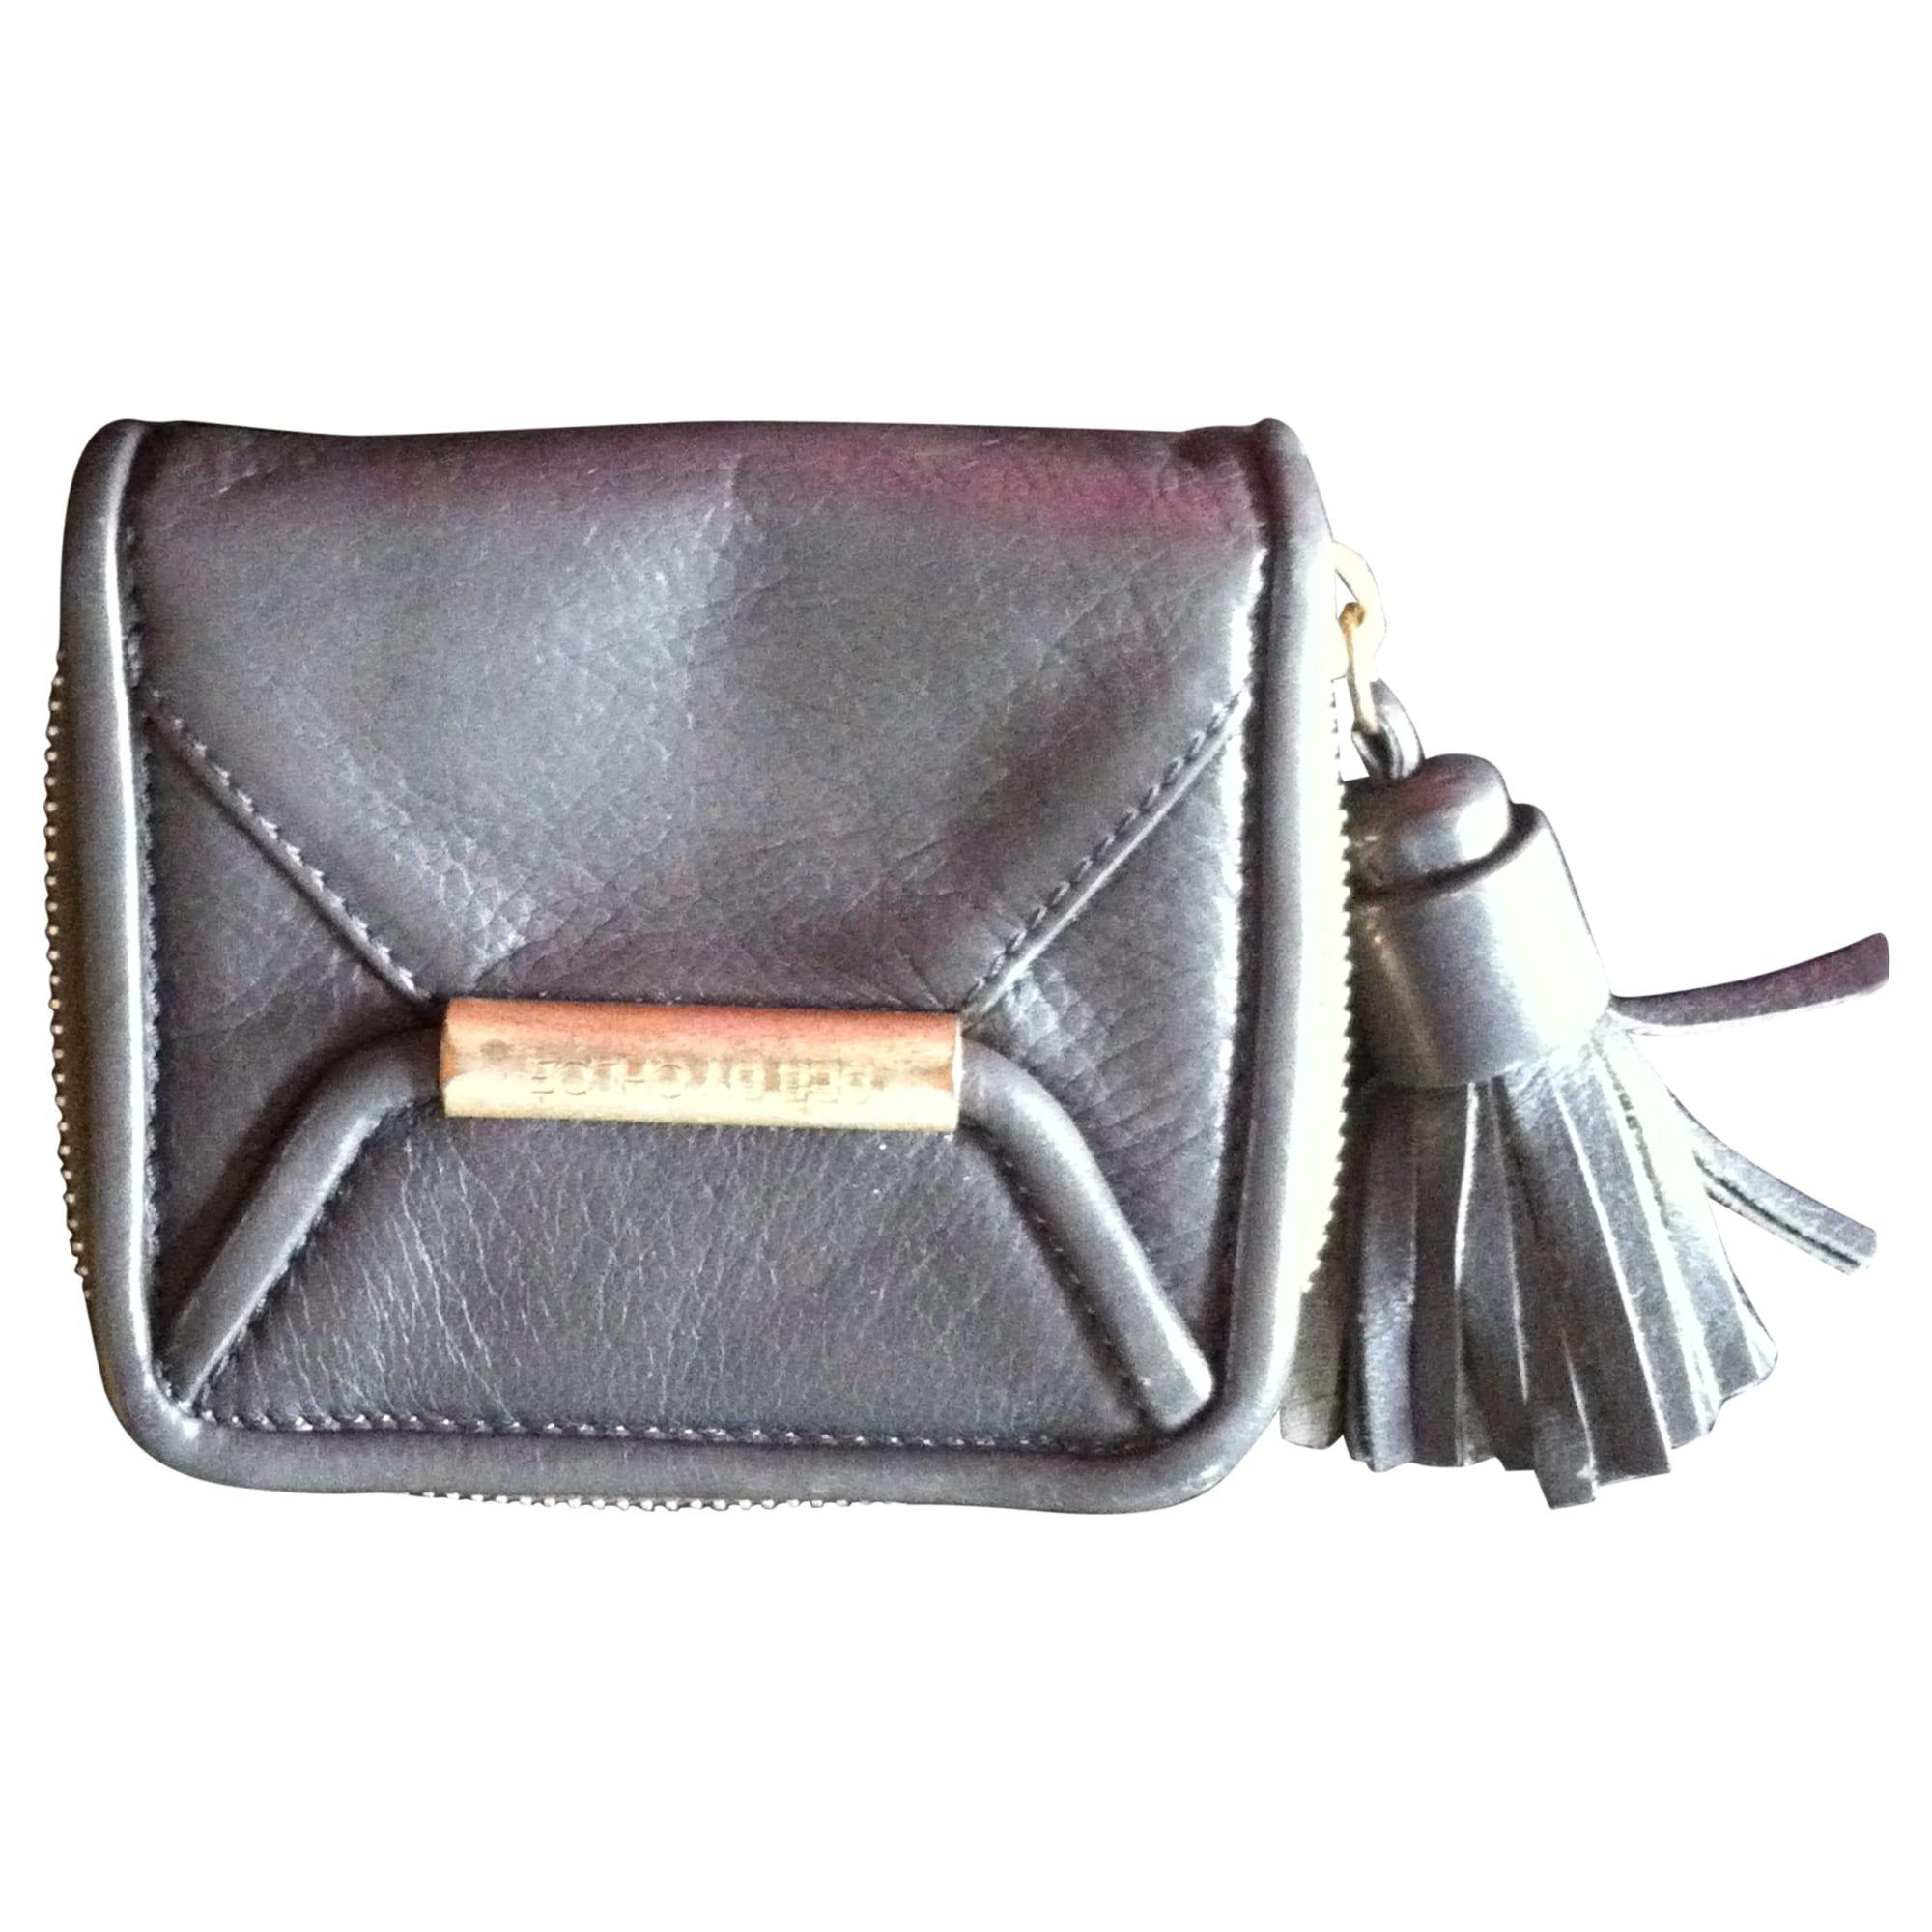 Portefeuille SEE BY CHLOE gris vendu par Diane 1267646 - 2675691 4da8962f807